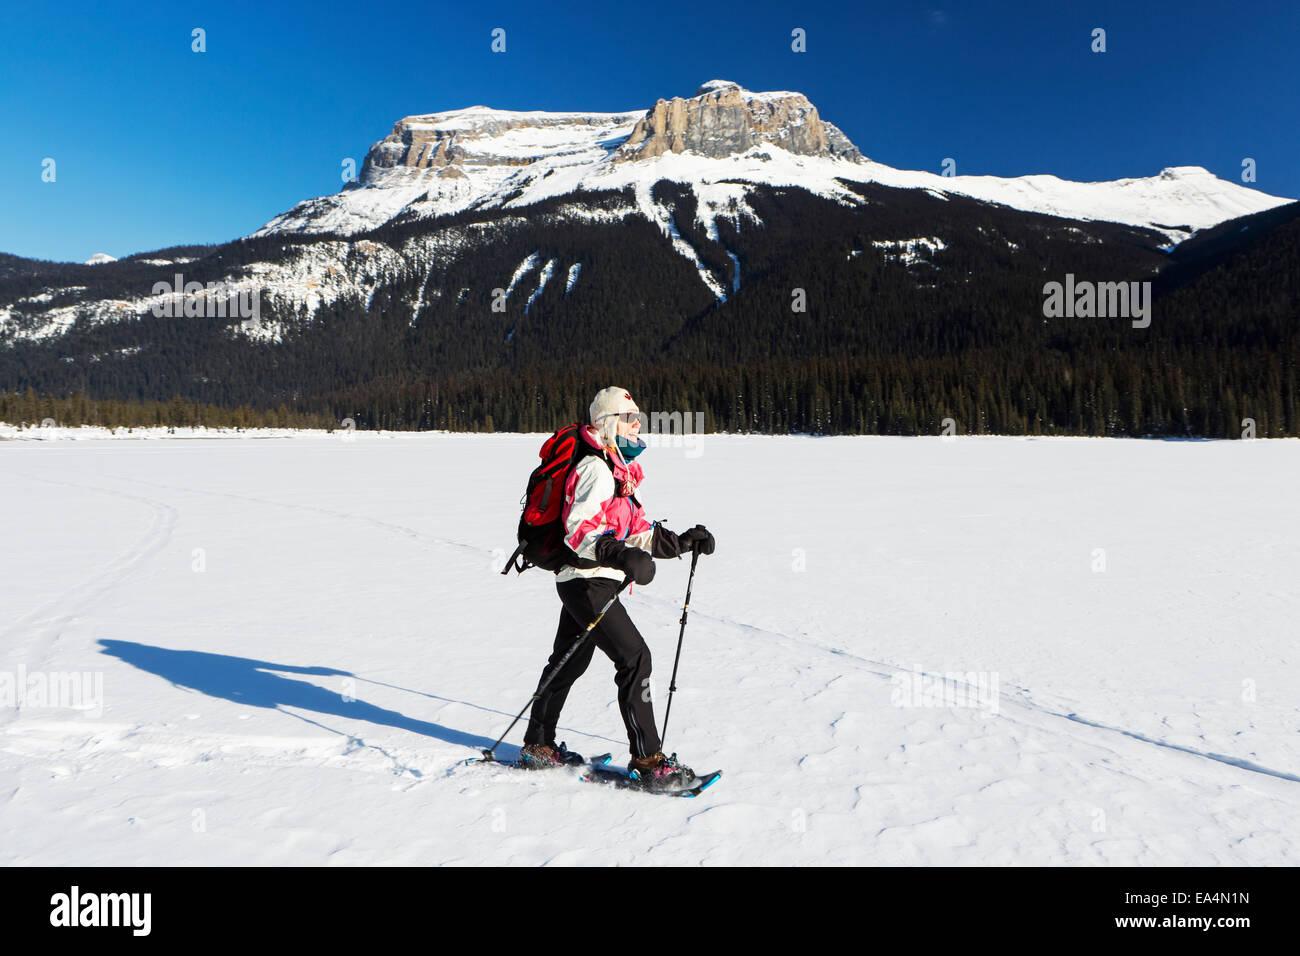 Femme en raquettes à neige sur lac de montagne couverte de neige avec des montagnes couvertes de neige et ciel Photo Stock